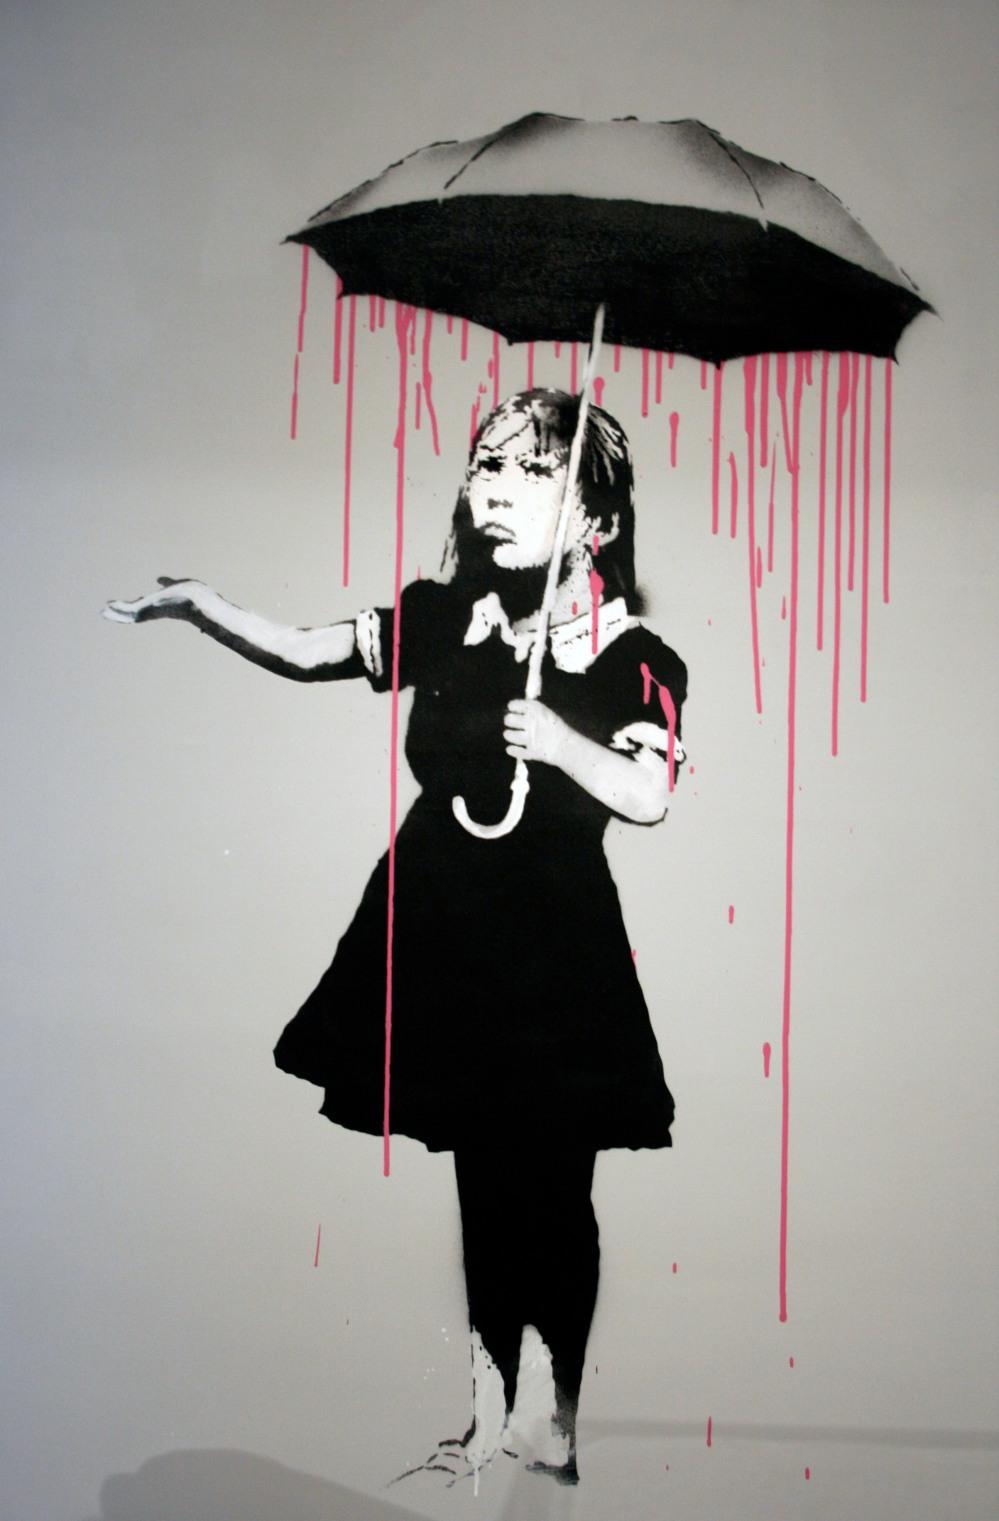 NOLA Pink by Banksy